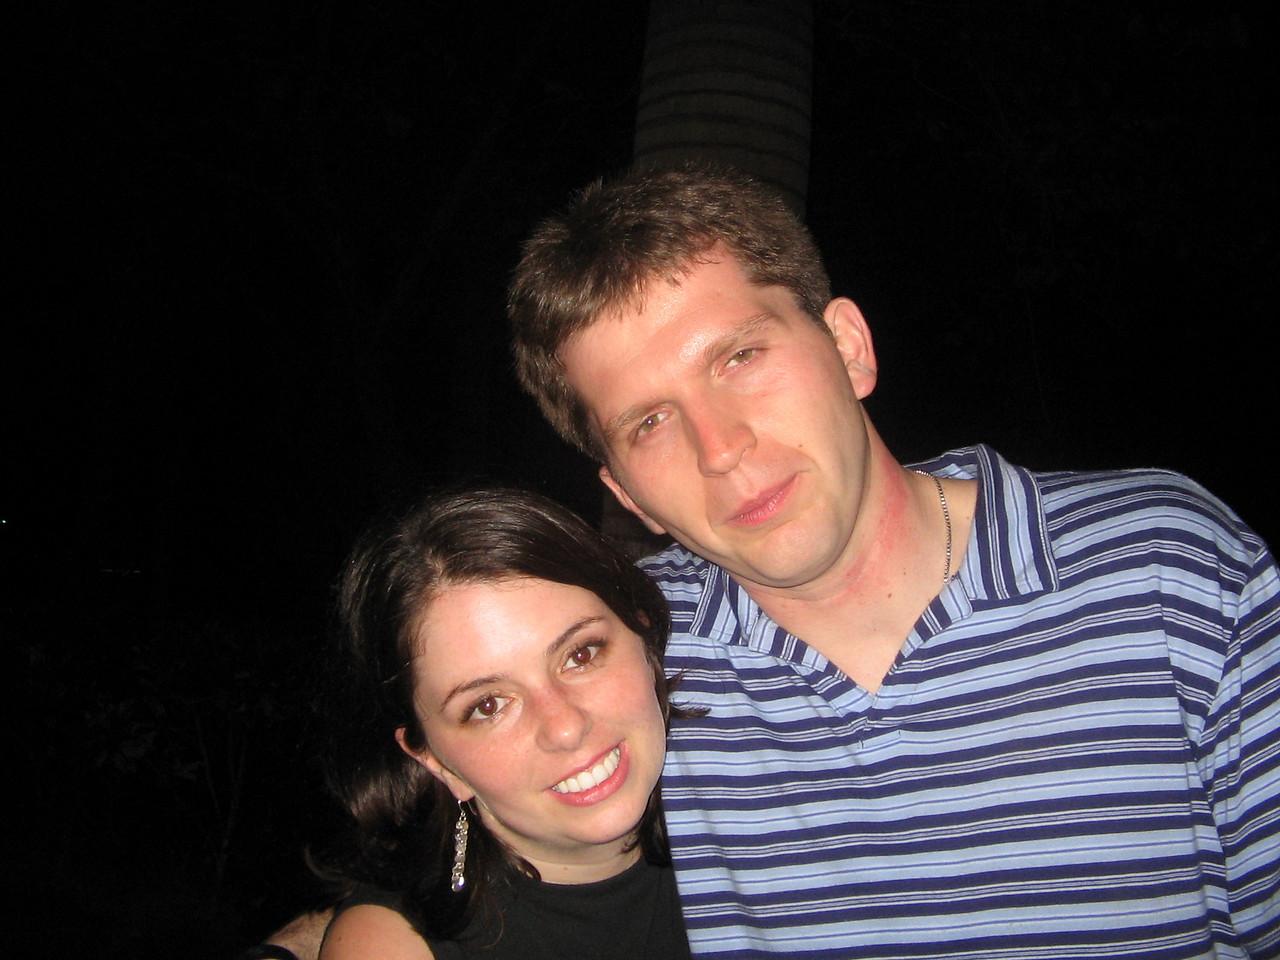 Piotr and I